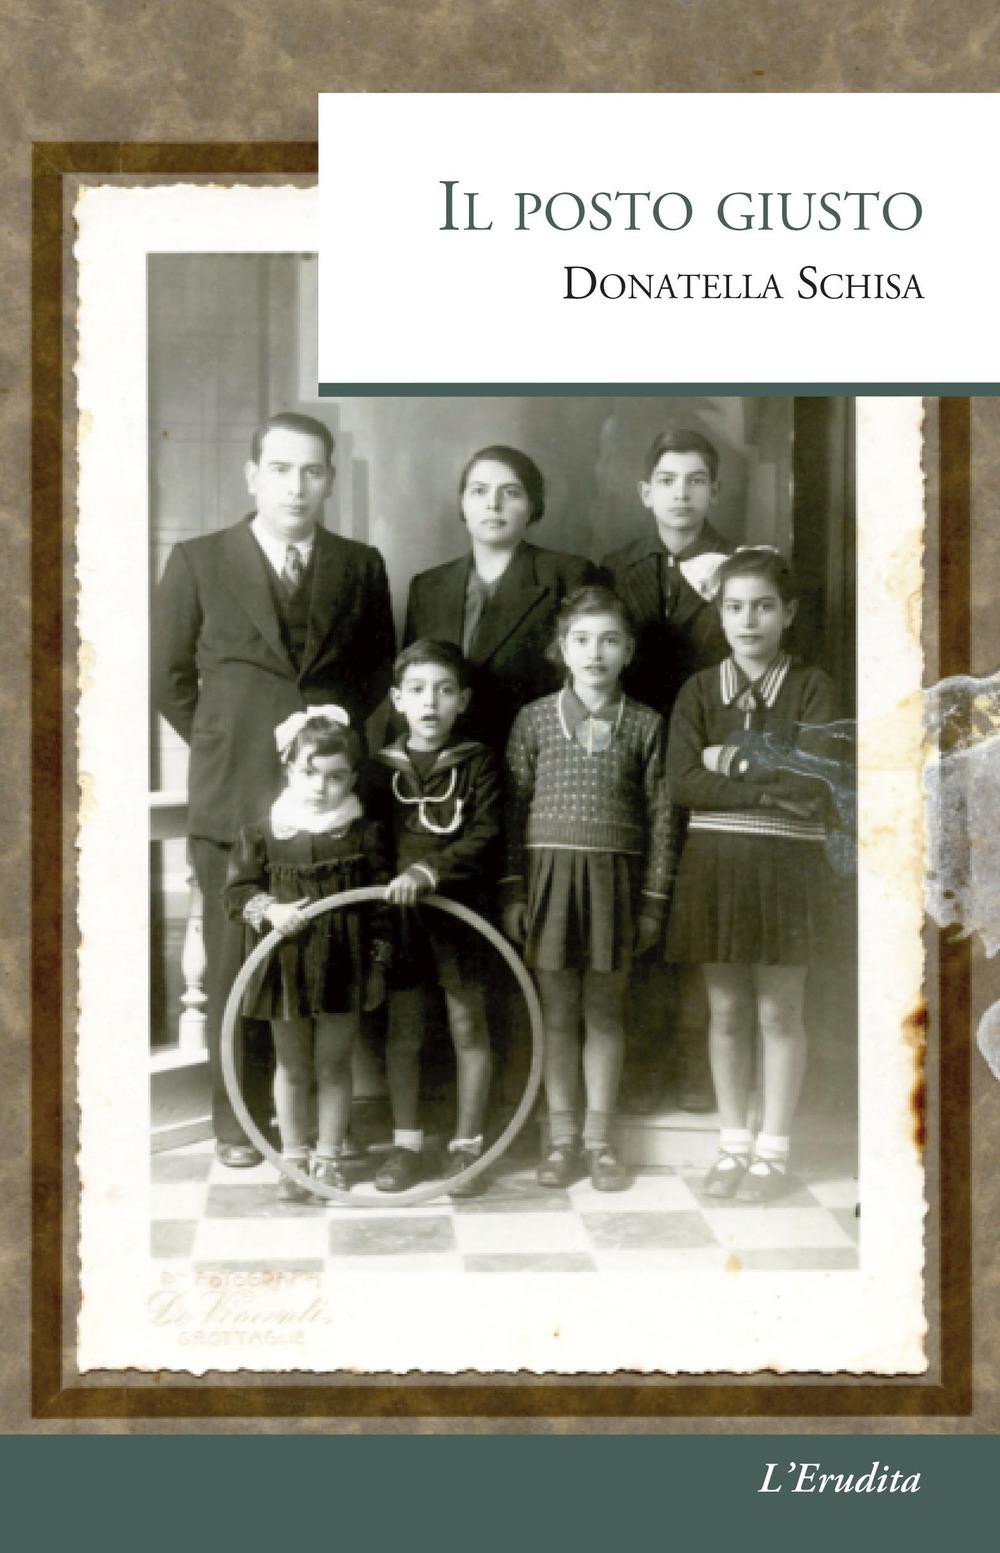 Il posto giusto, Donatella Schisa